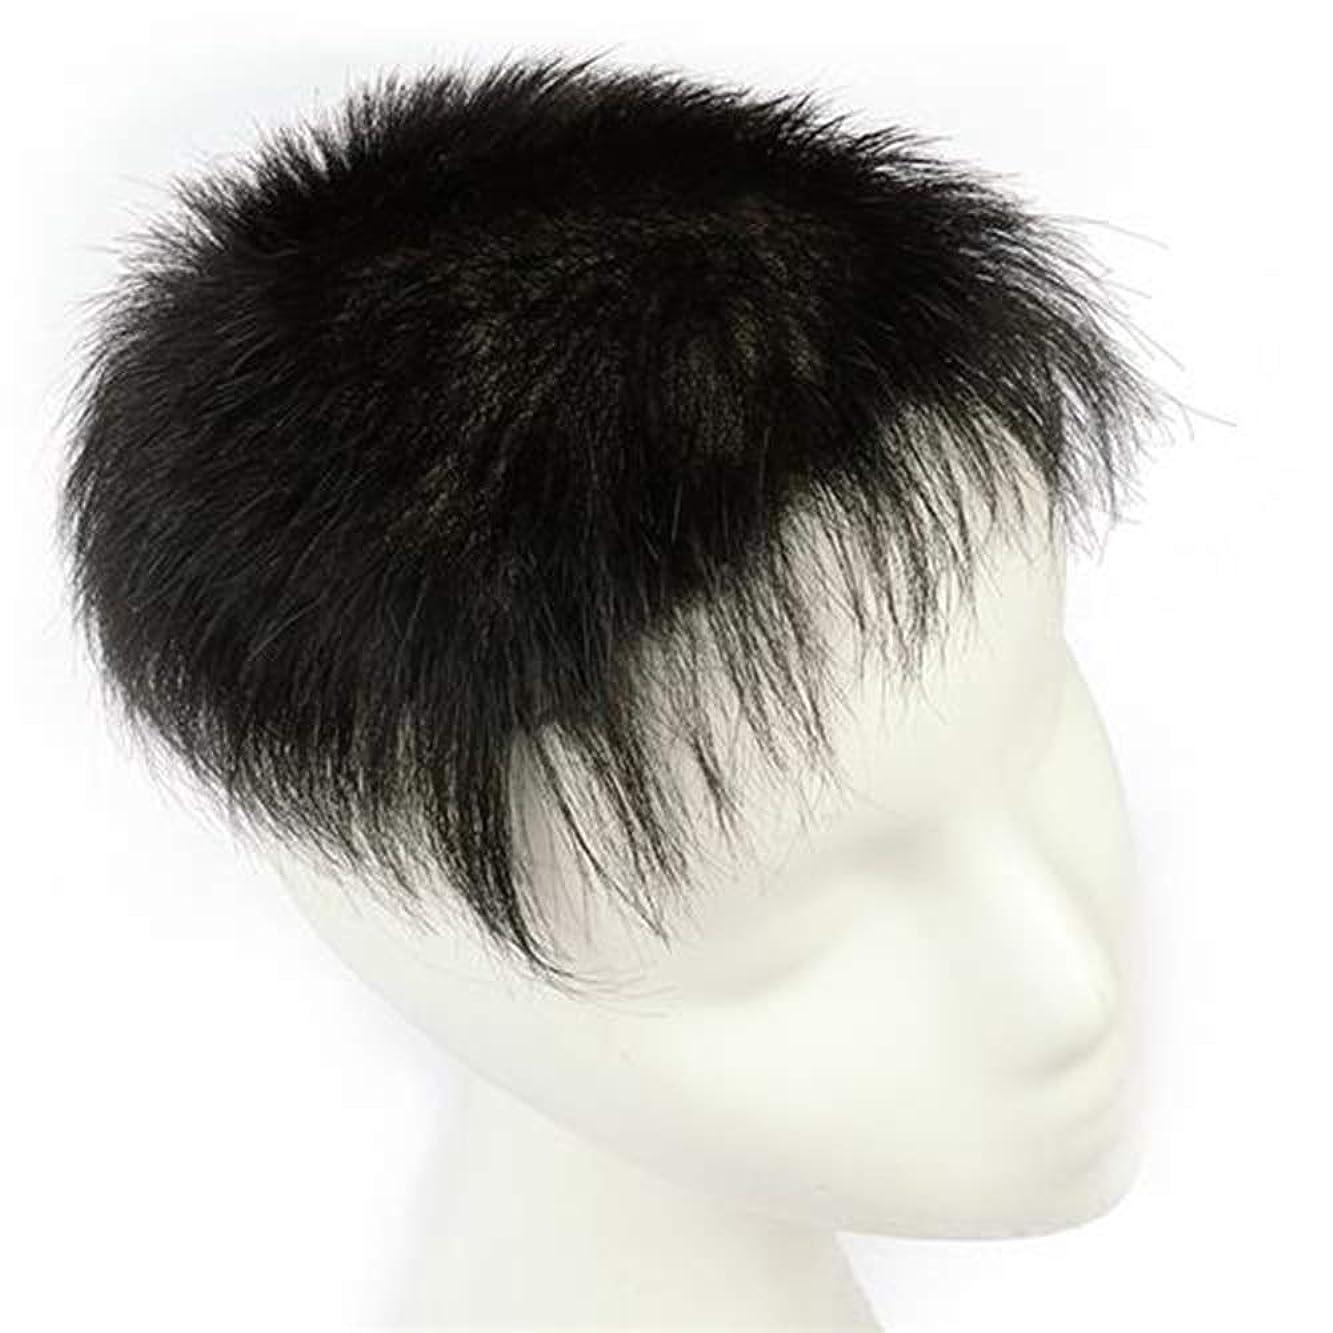 デッドロックお酒体操HOHYLLYA カバーのためのリアルヘアウィッグデイリードレスの男性用手織りクリップファッションウィッグ (色 : Natural black, サイズ : 18x20)